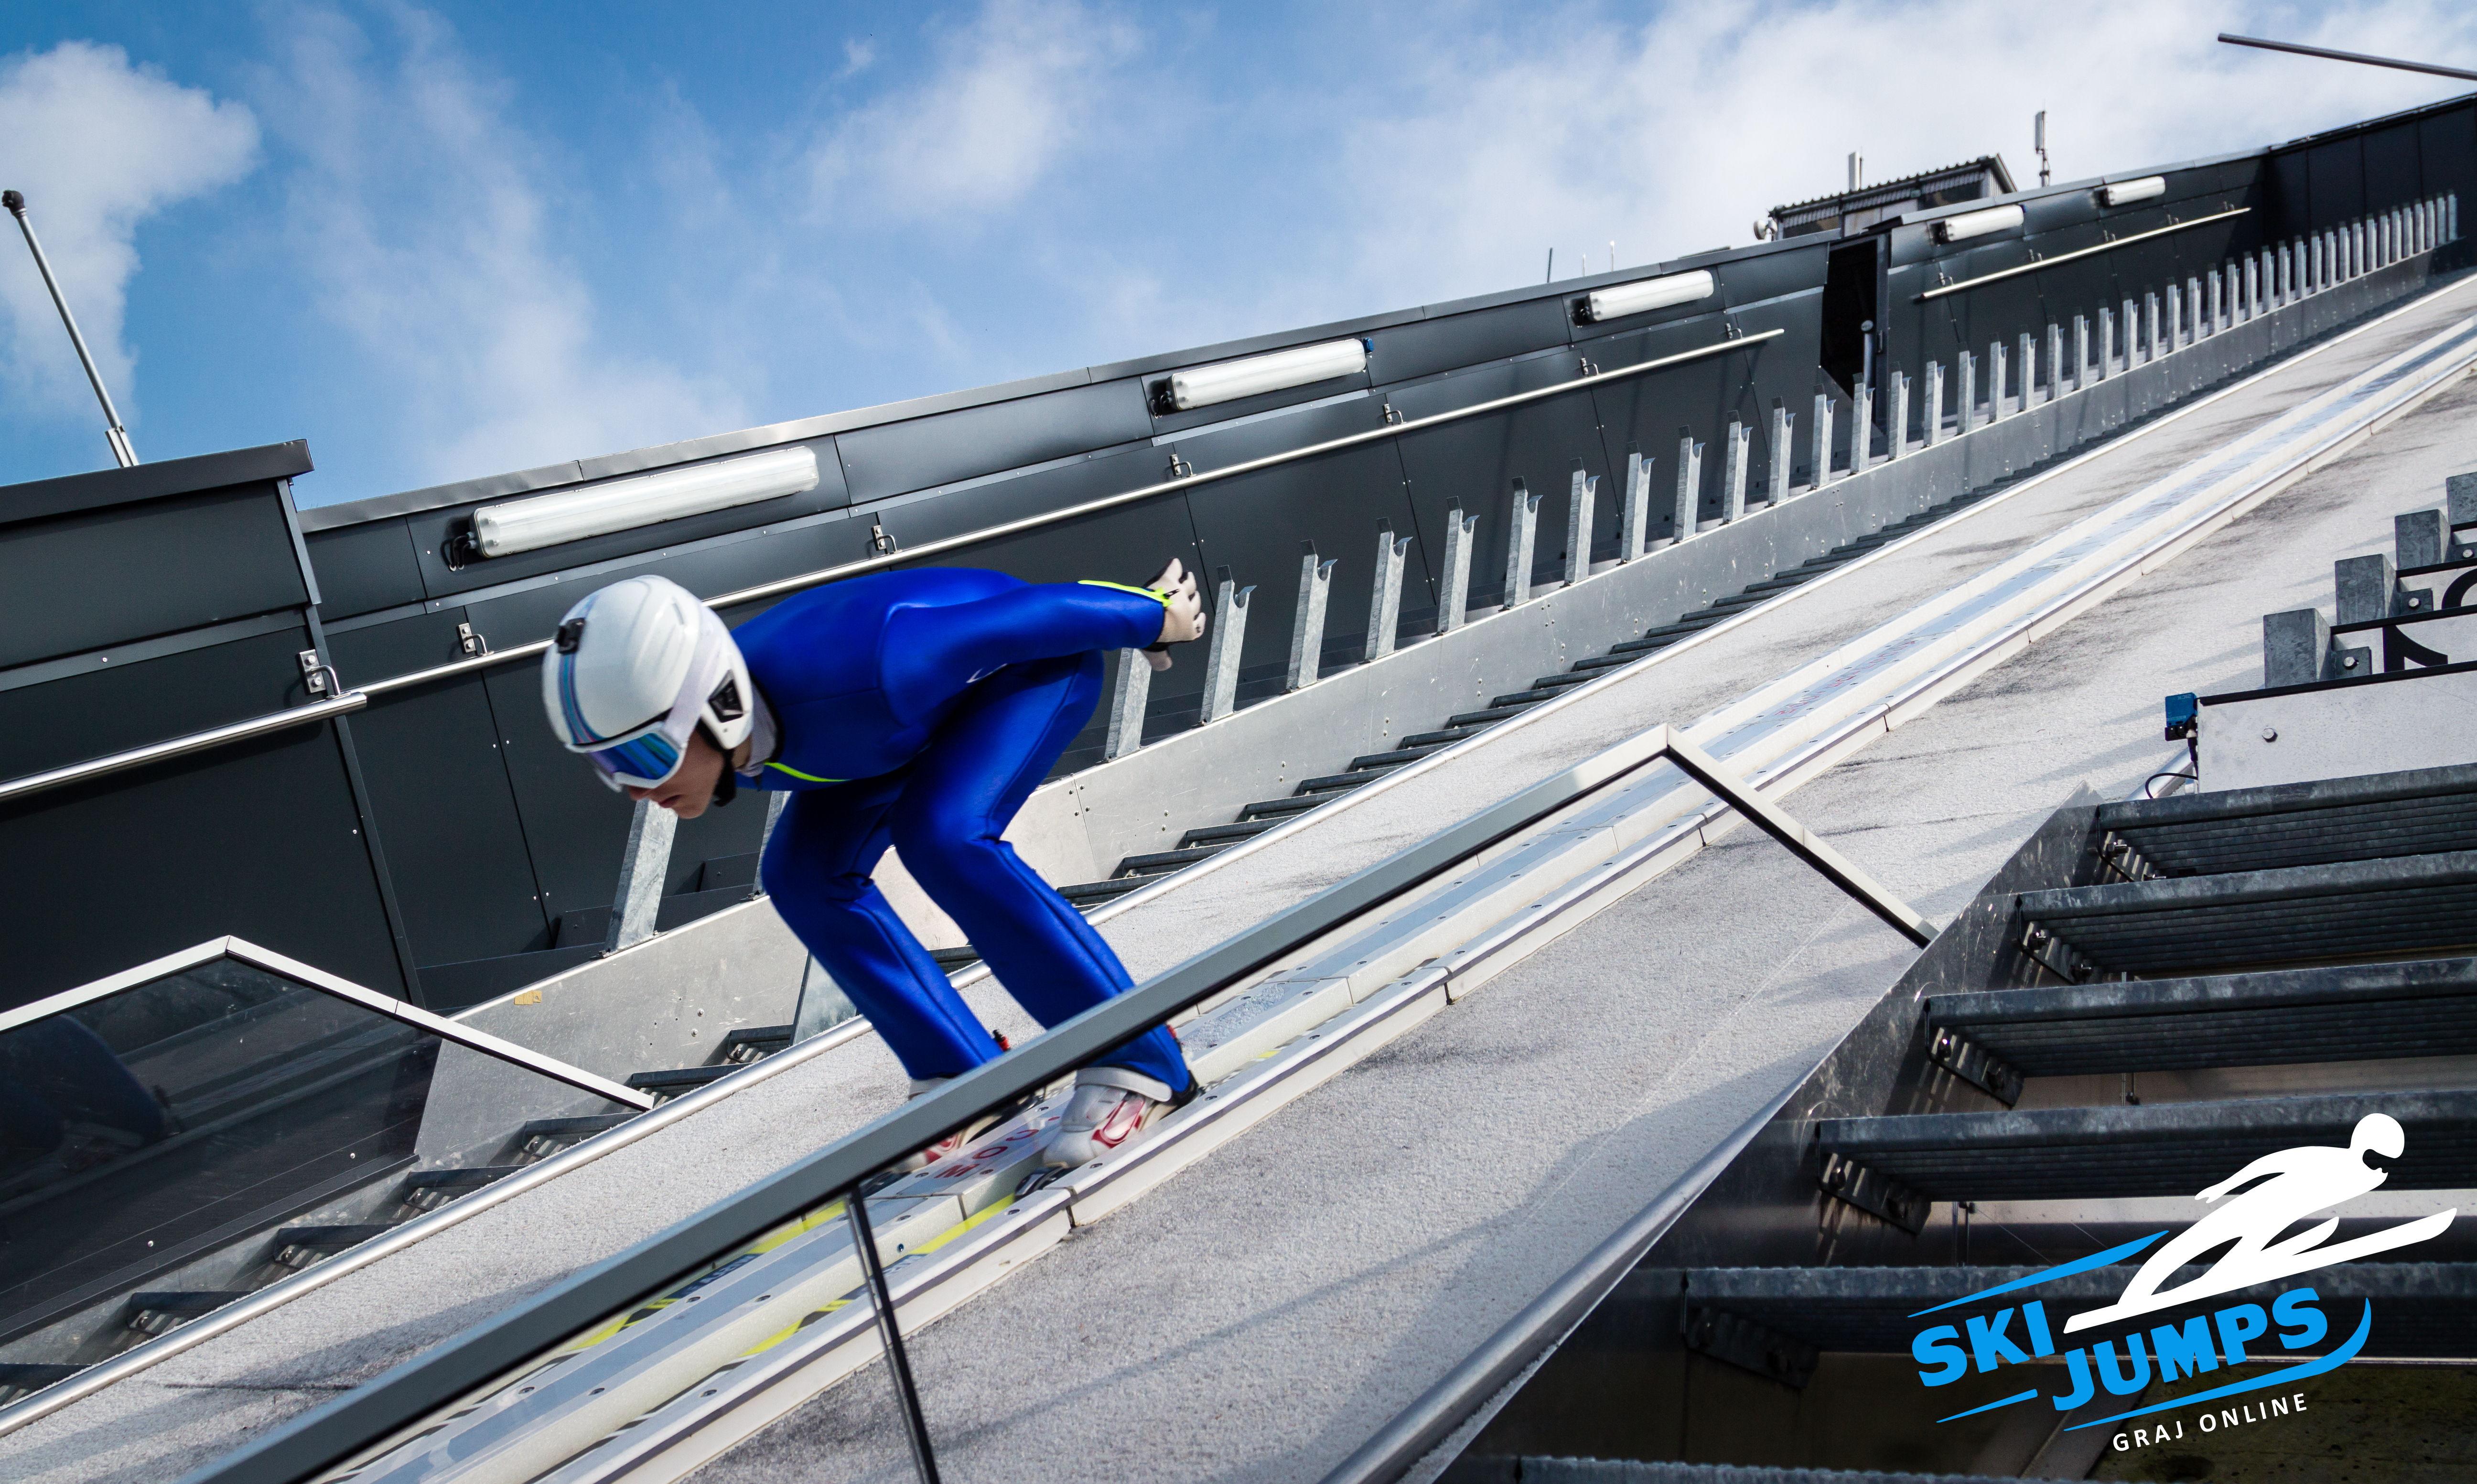 Gry dla fanów Deluxe Ski Jump